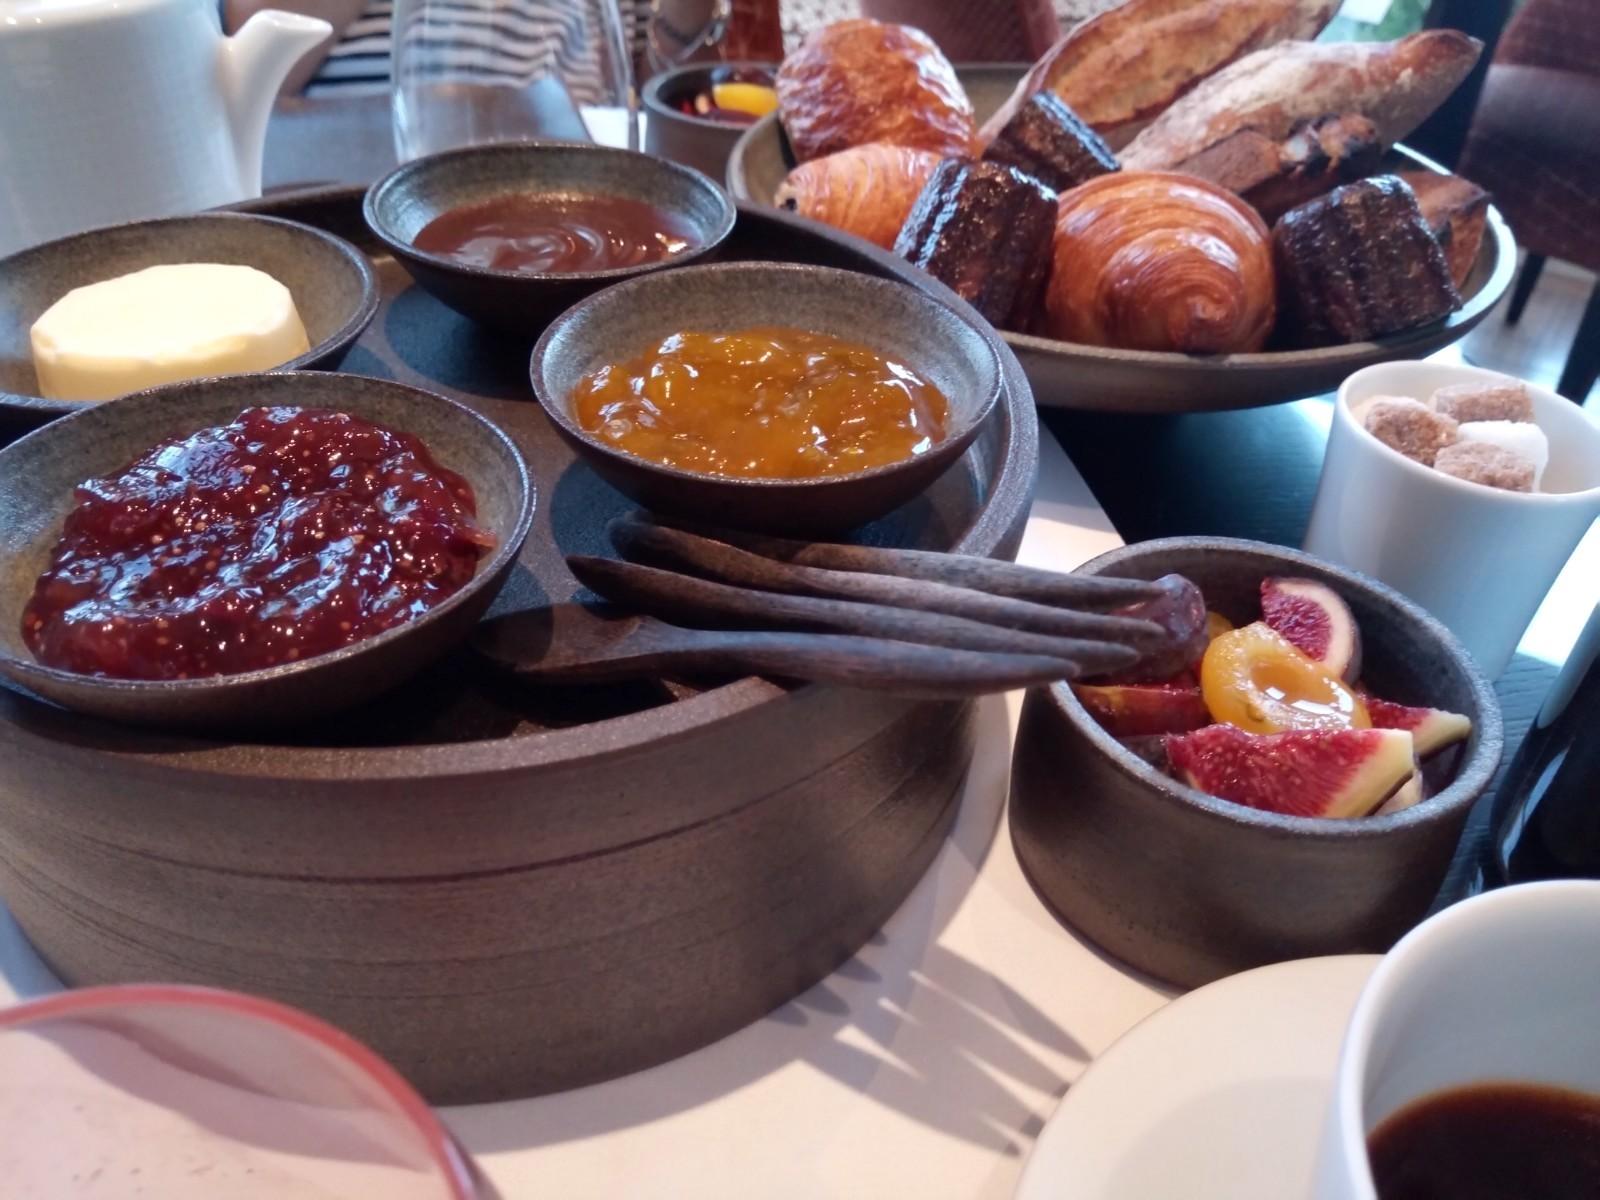 ついにプレザンスで朝食を Petit-déjeuner chez Plaisance enfin!_e0243221_03495871.jpg